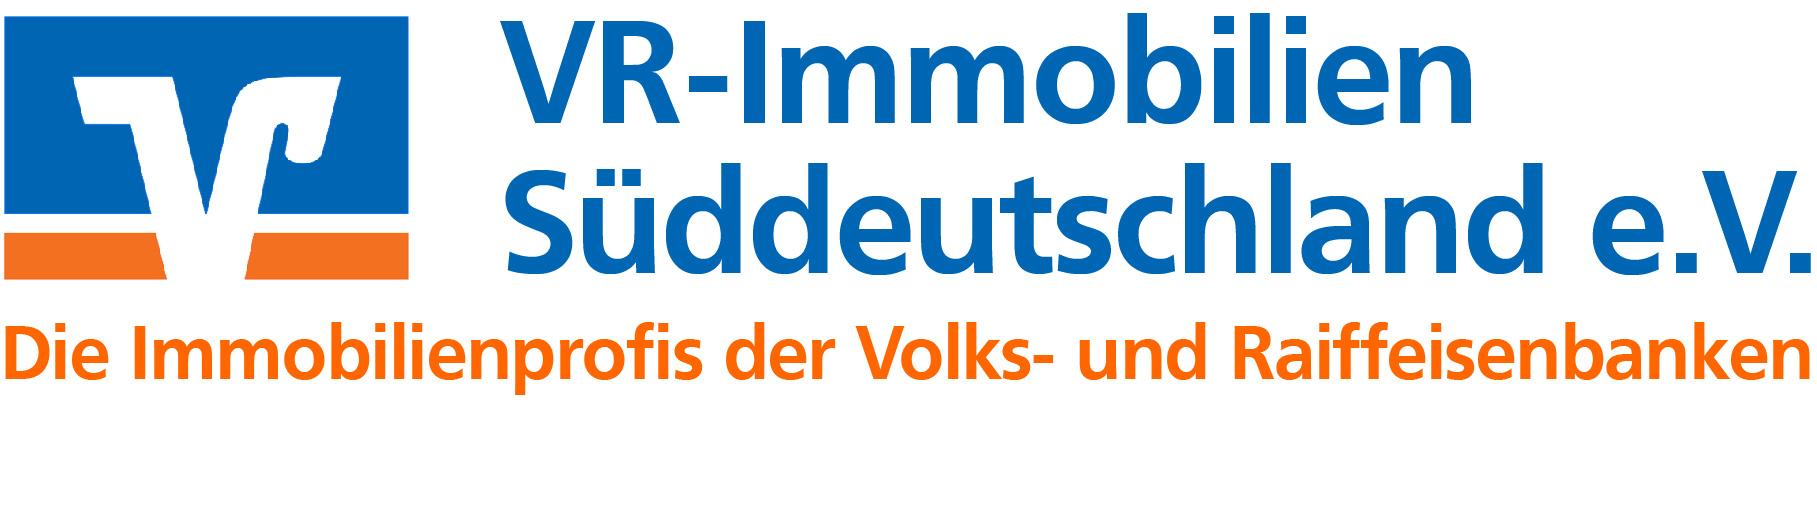 Logo VR-Immobilien Süddeutschland e.V.